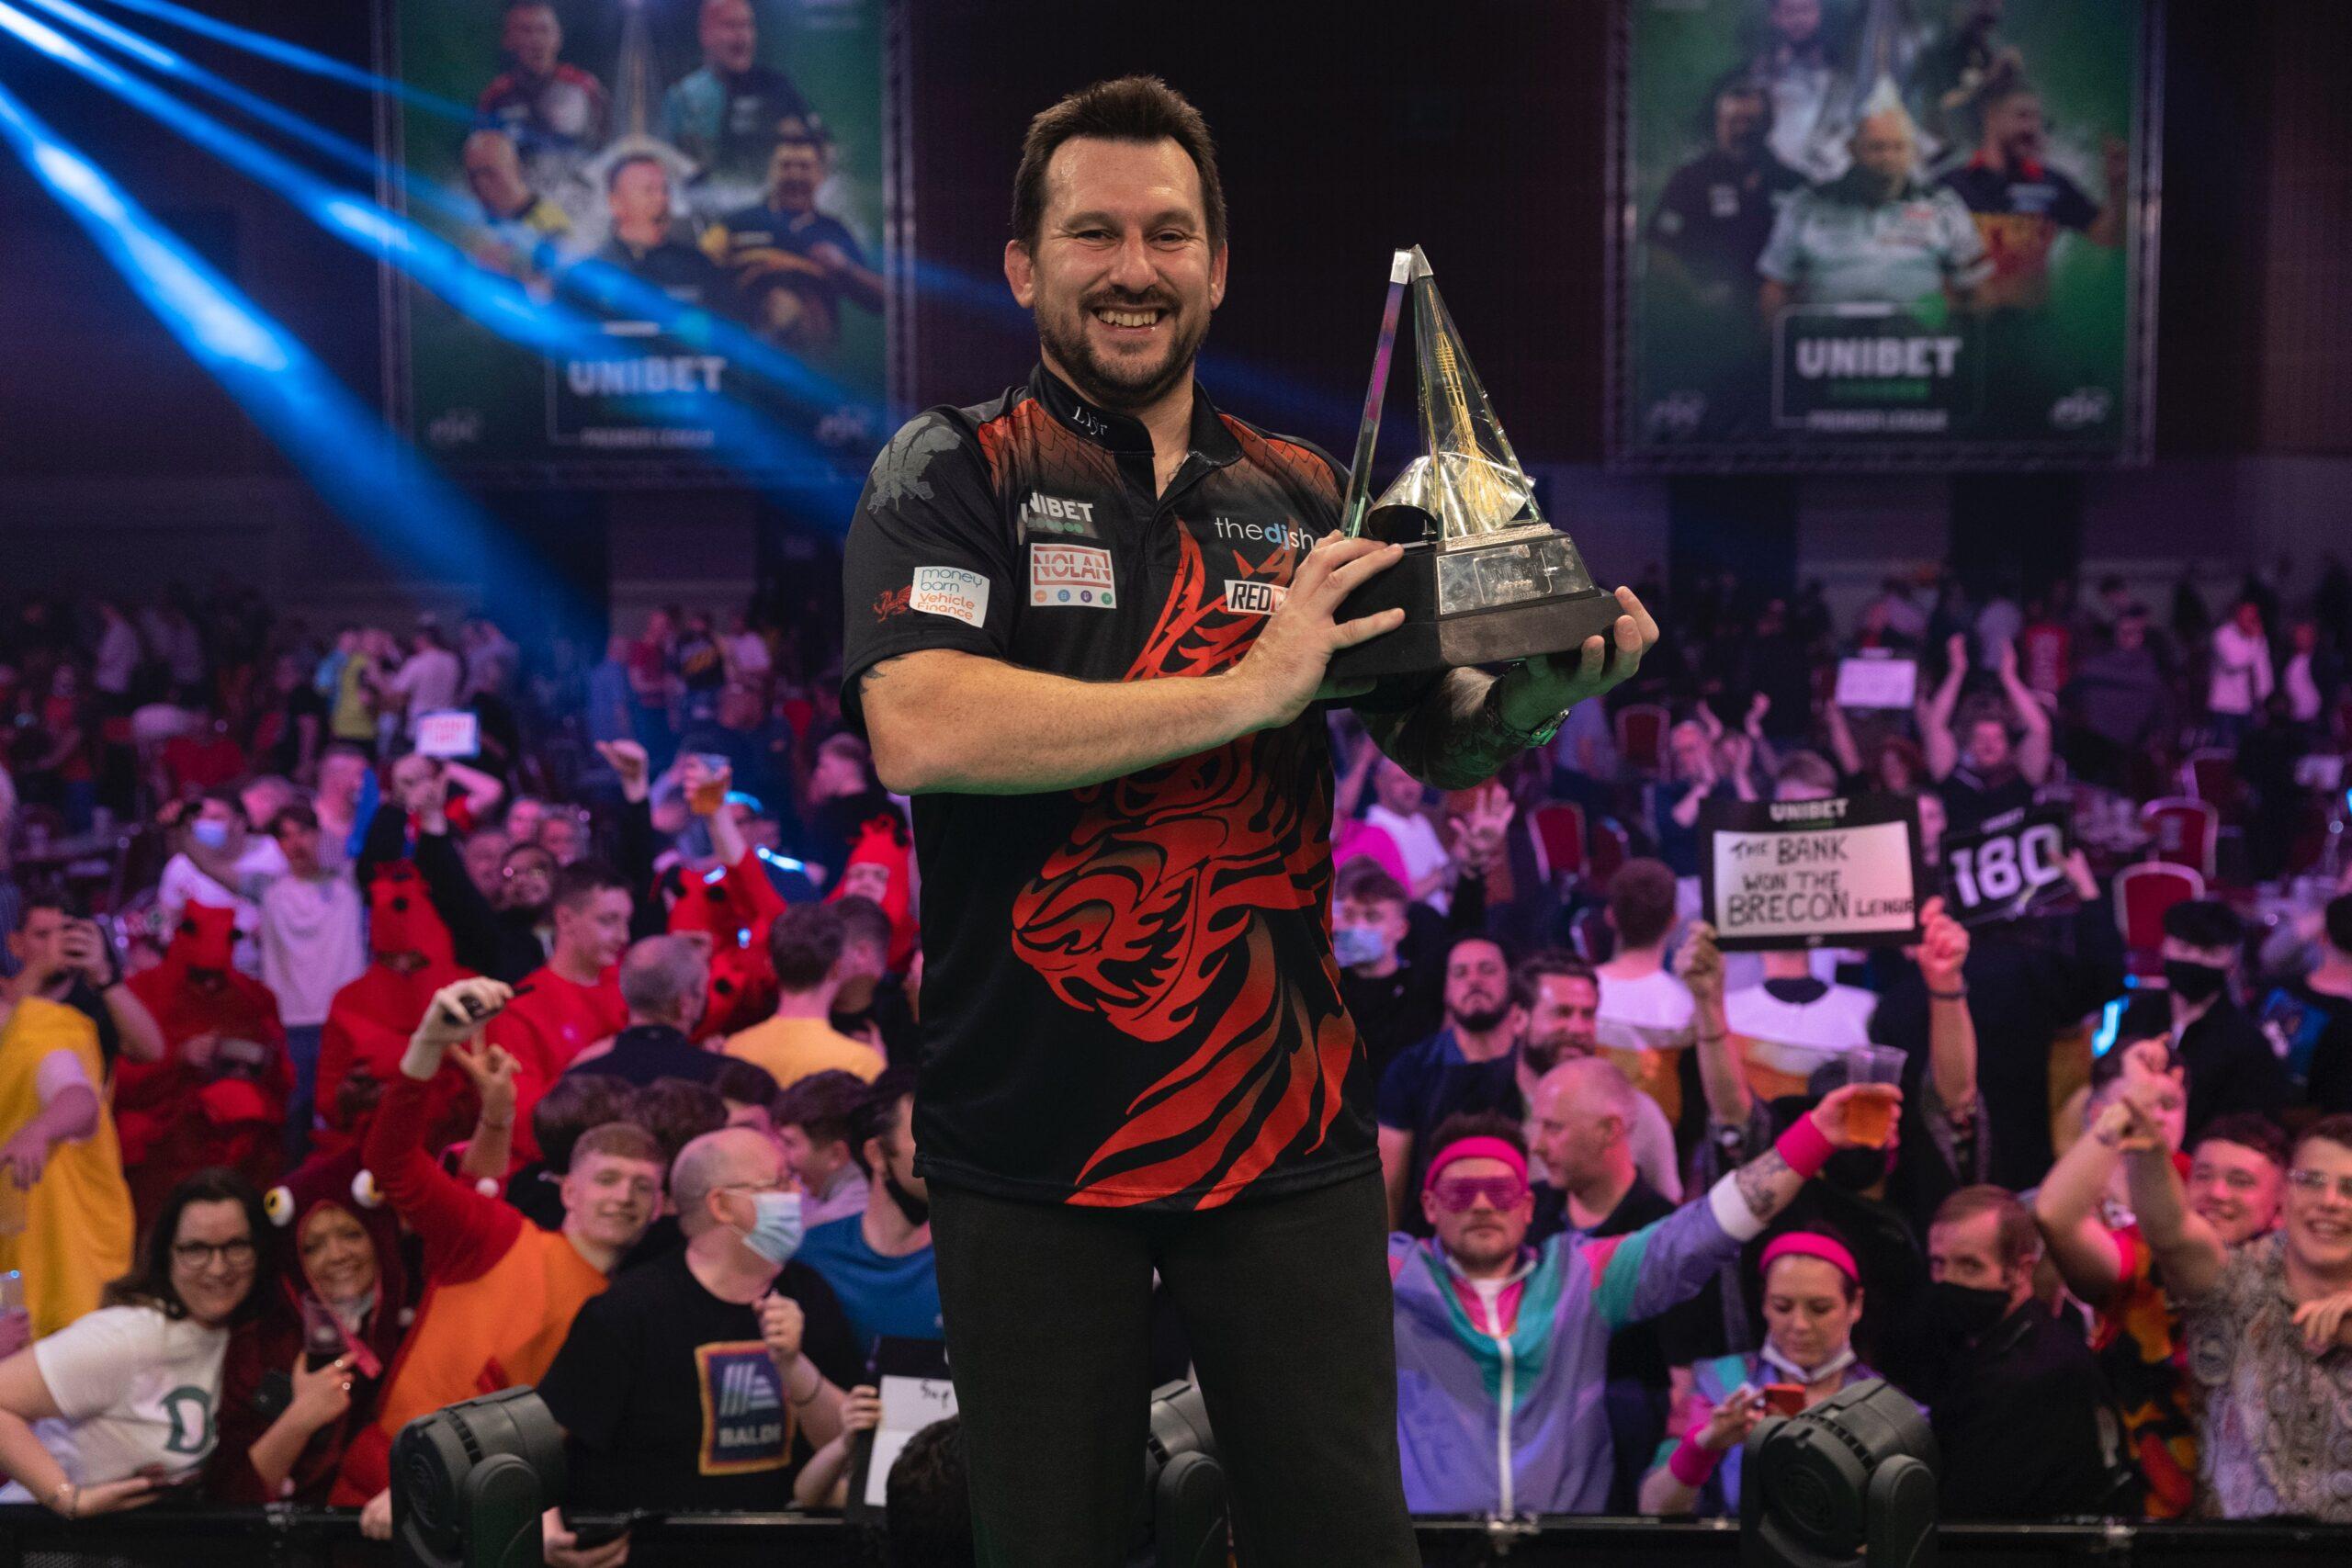 Superb Clayton wins Premier League Darts title